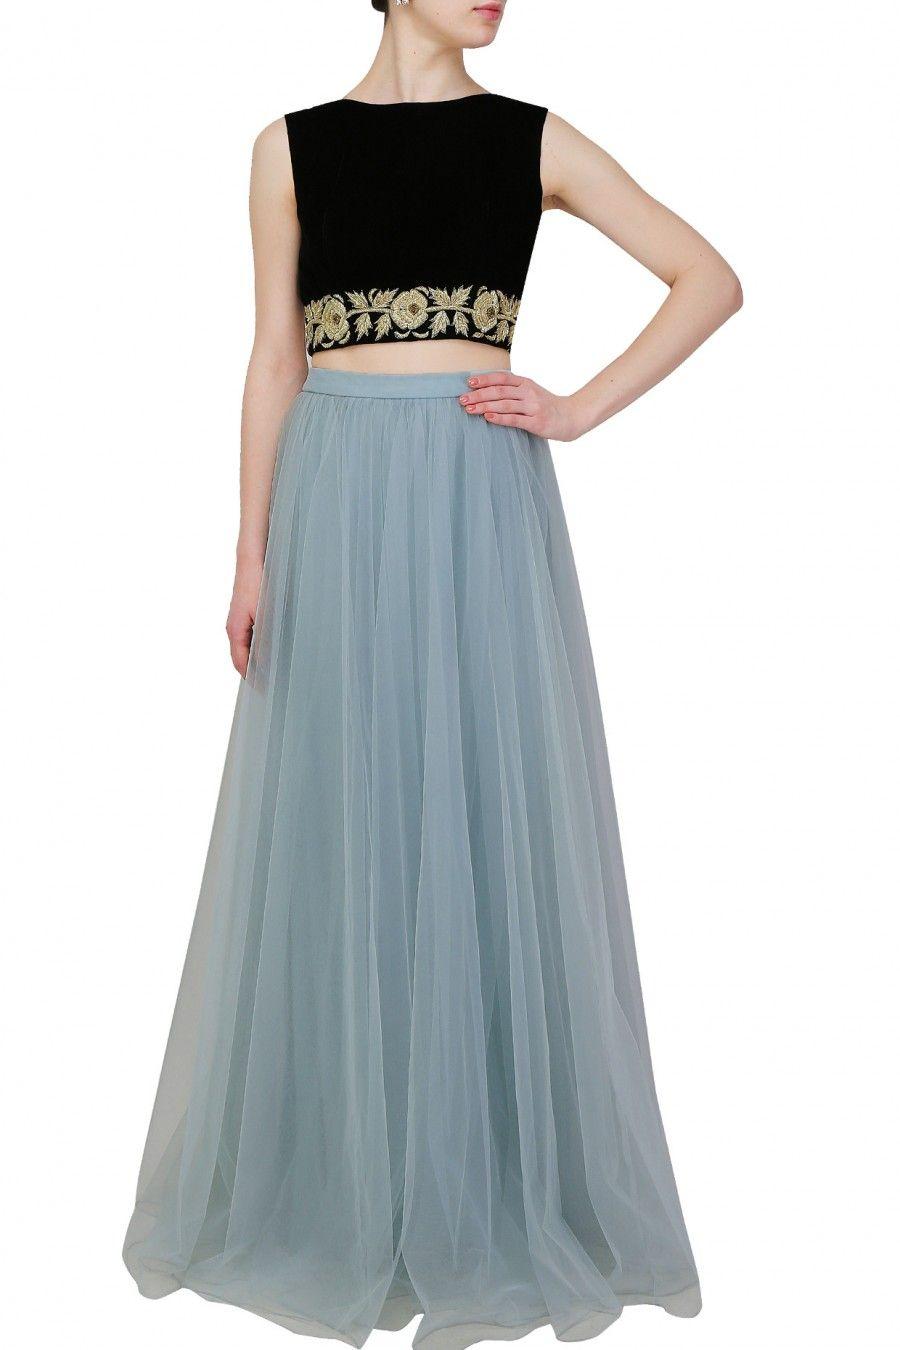 c9fcbe56f Crop Top and Light Blue Skirt | Engagement dress | Light blue skirts ...